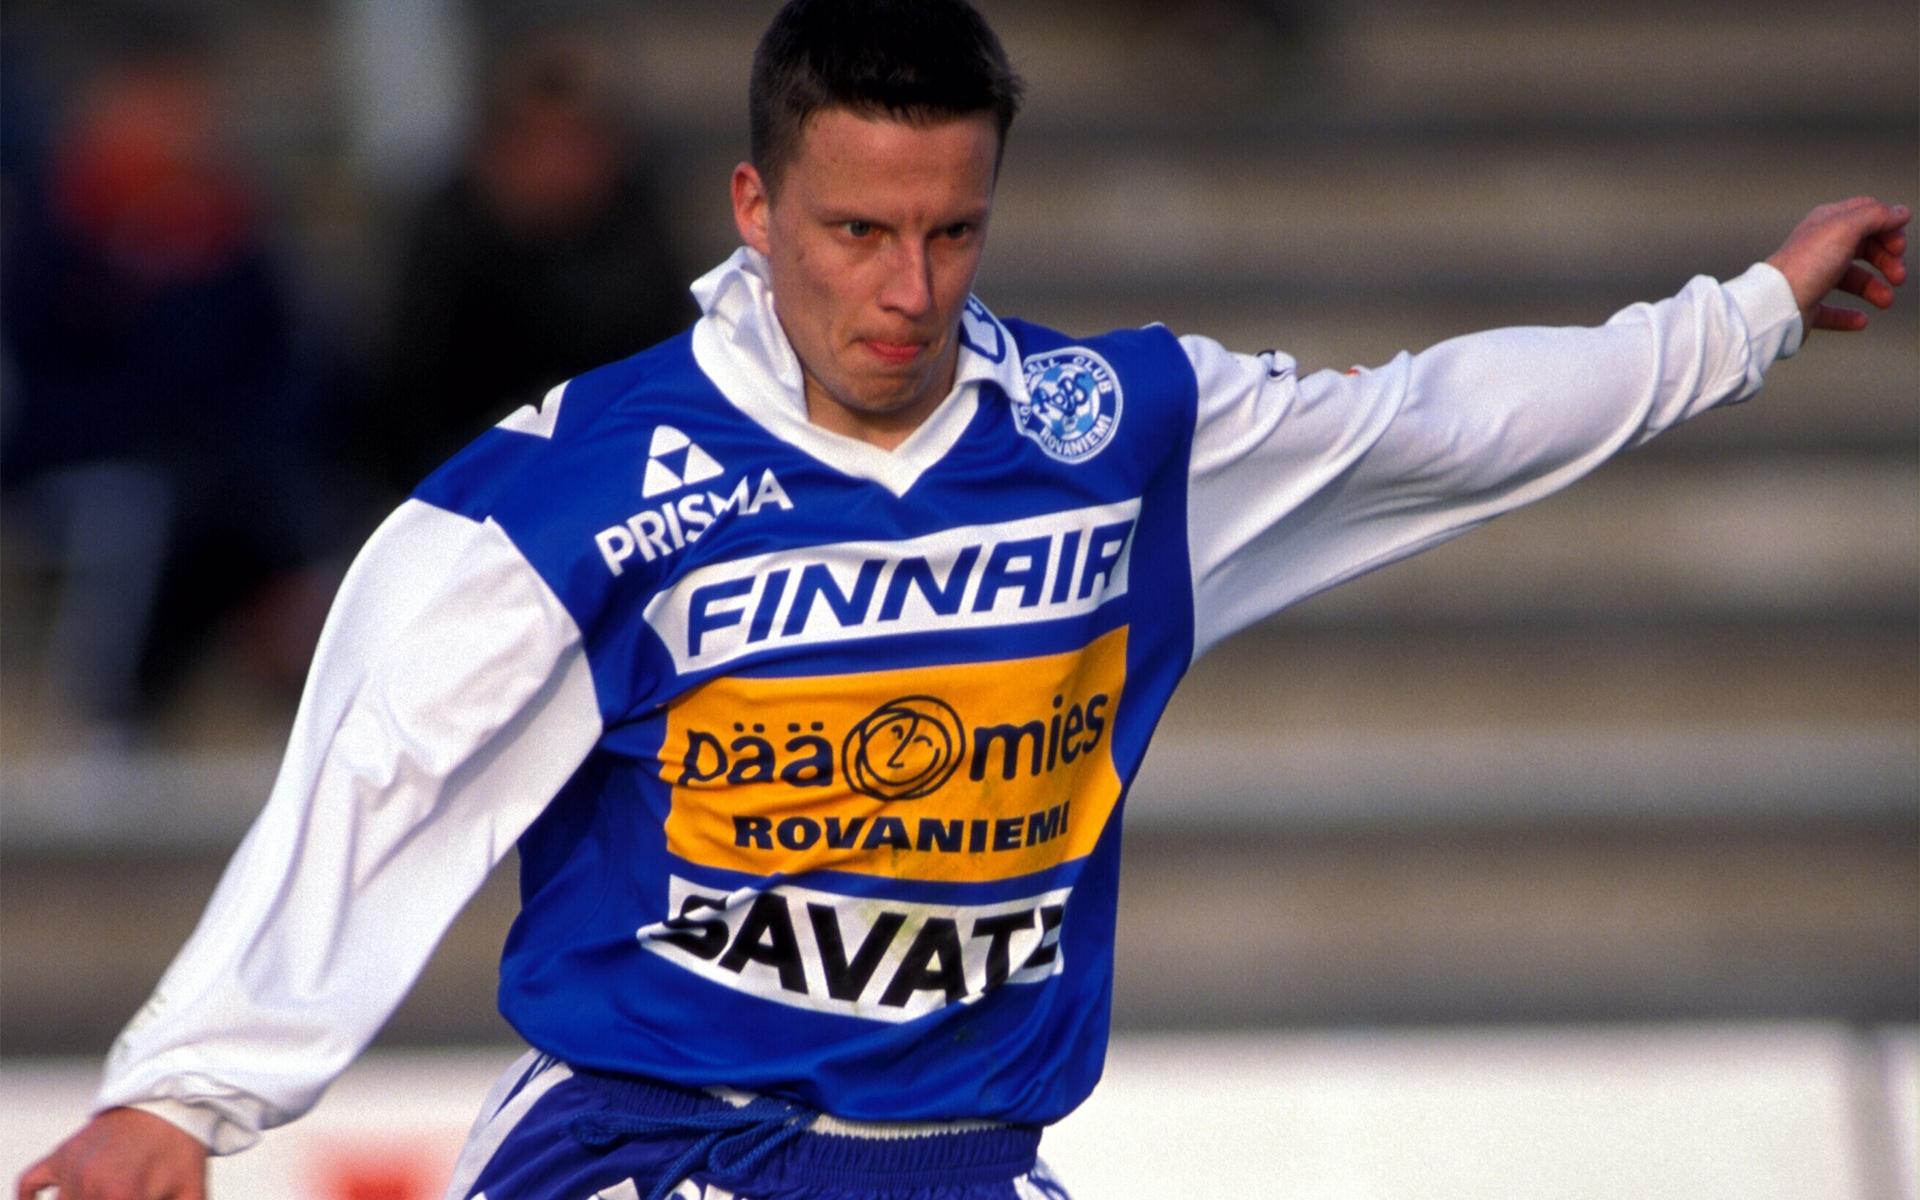 Mika Lumijärvi palaa valmentamaan Rovaniemen Palloseuraan